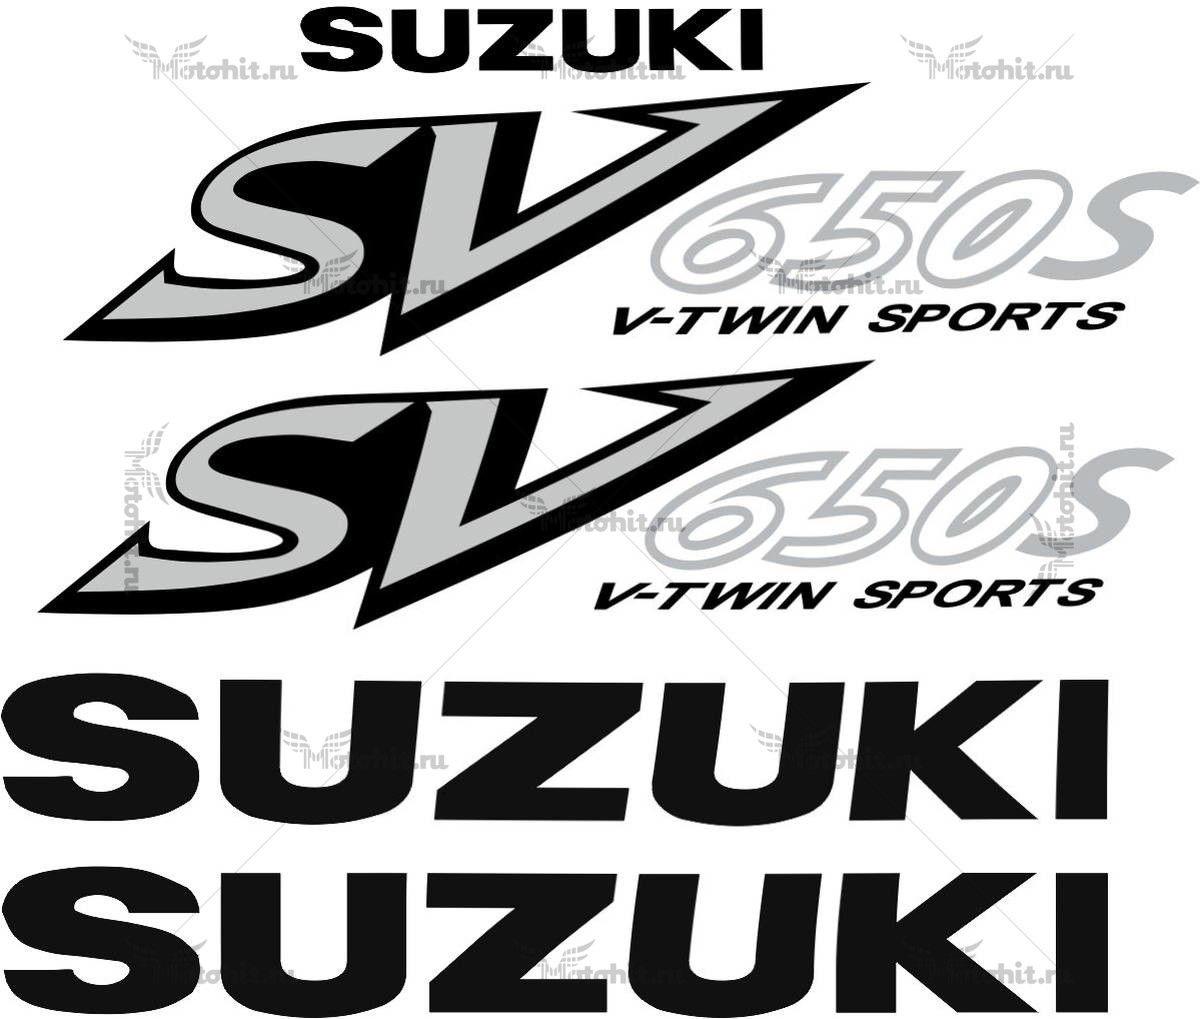 Комплект наклеек SUZUKI SV-650-S 2002